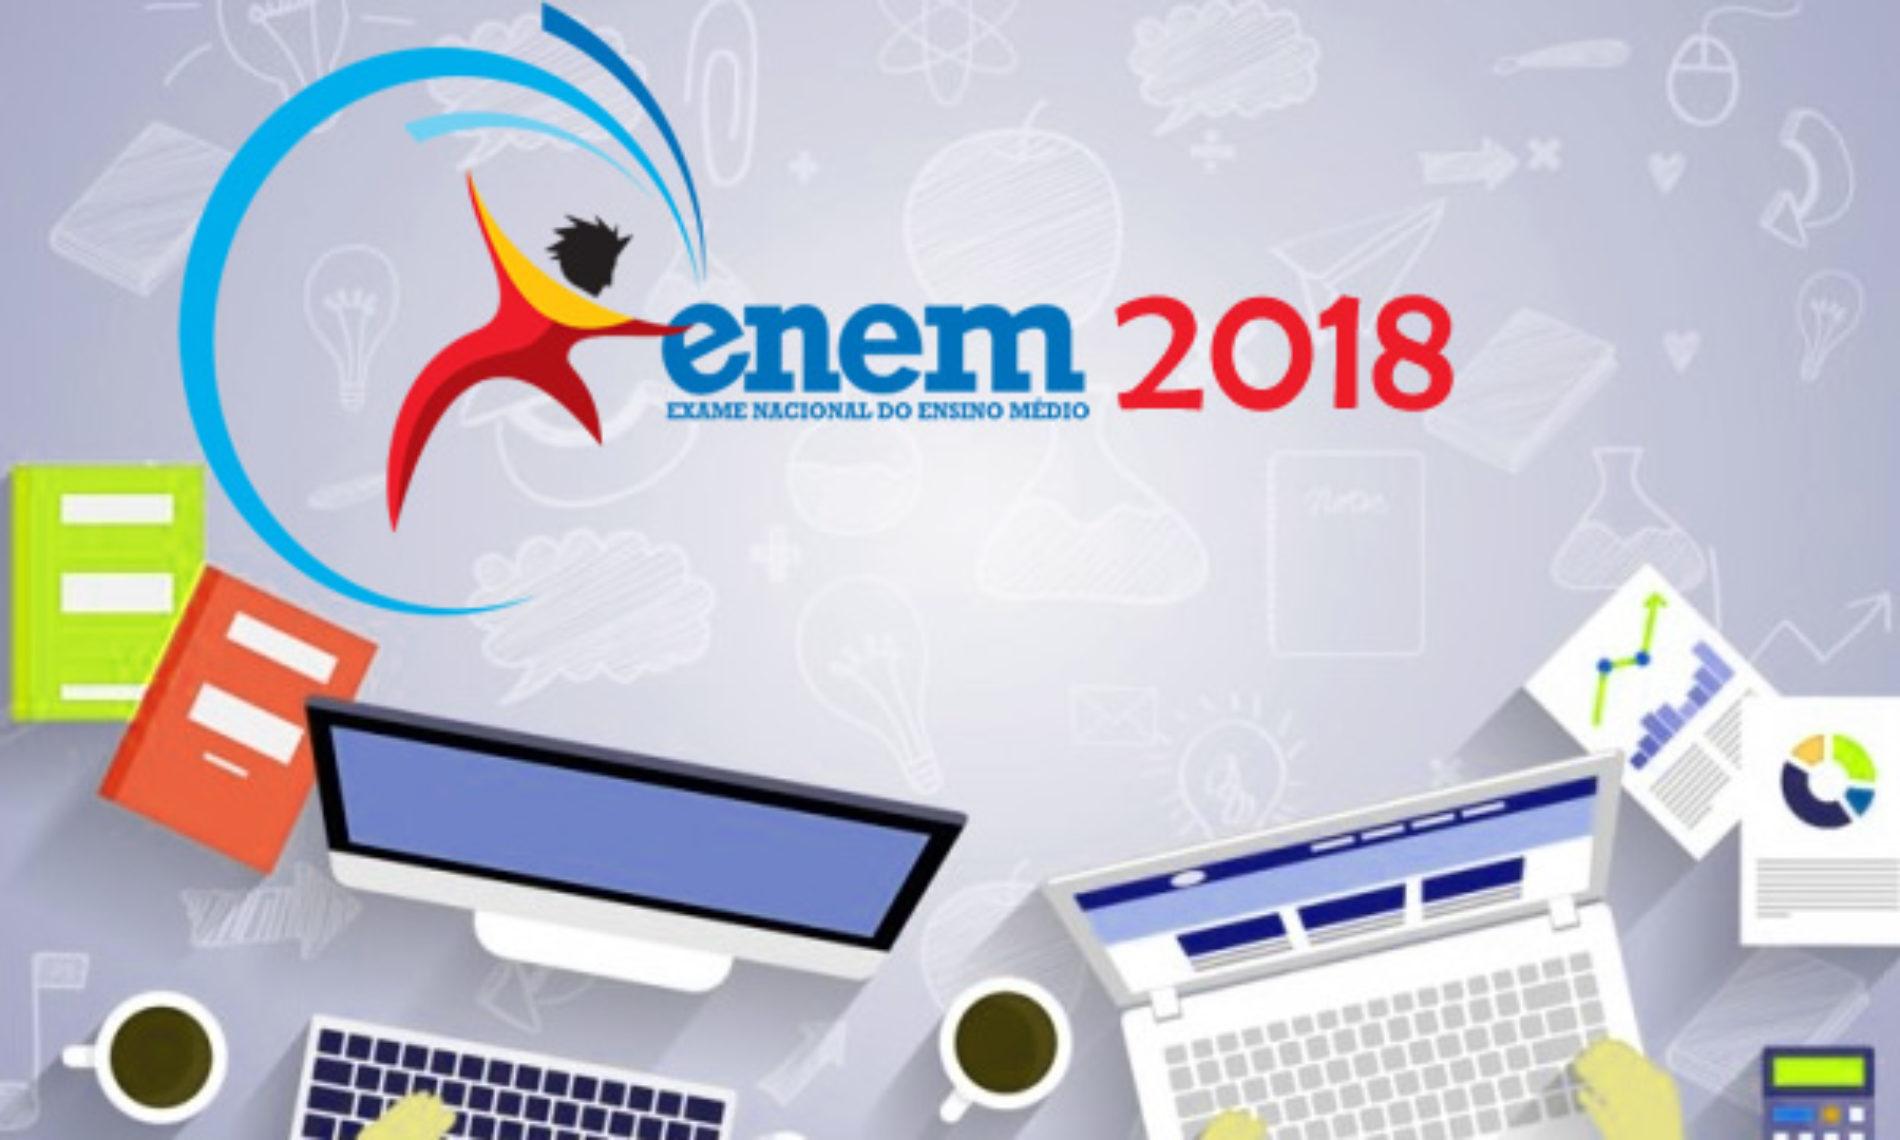 Inep divulga gabarito oficial do Enem 2018 e Cadernos de Questões